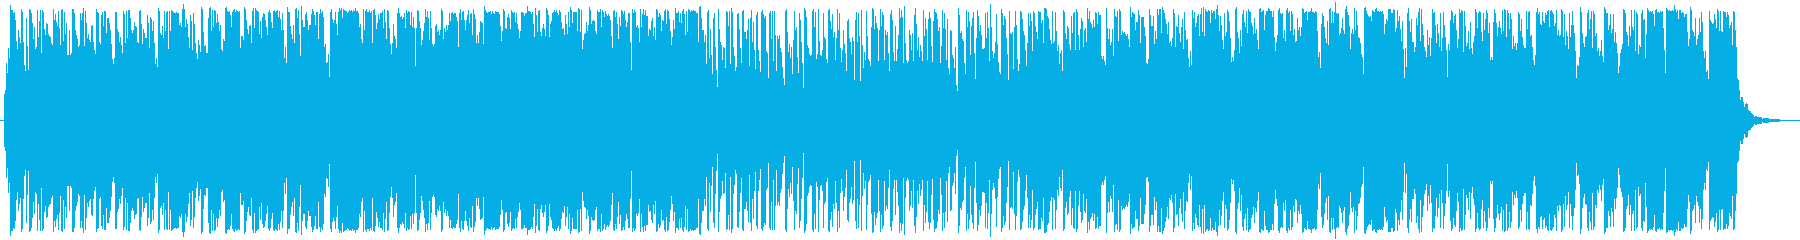 おしゃれな夜をイメージしたBGMの再生済みの波形